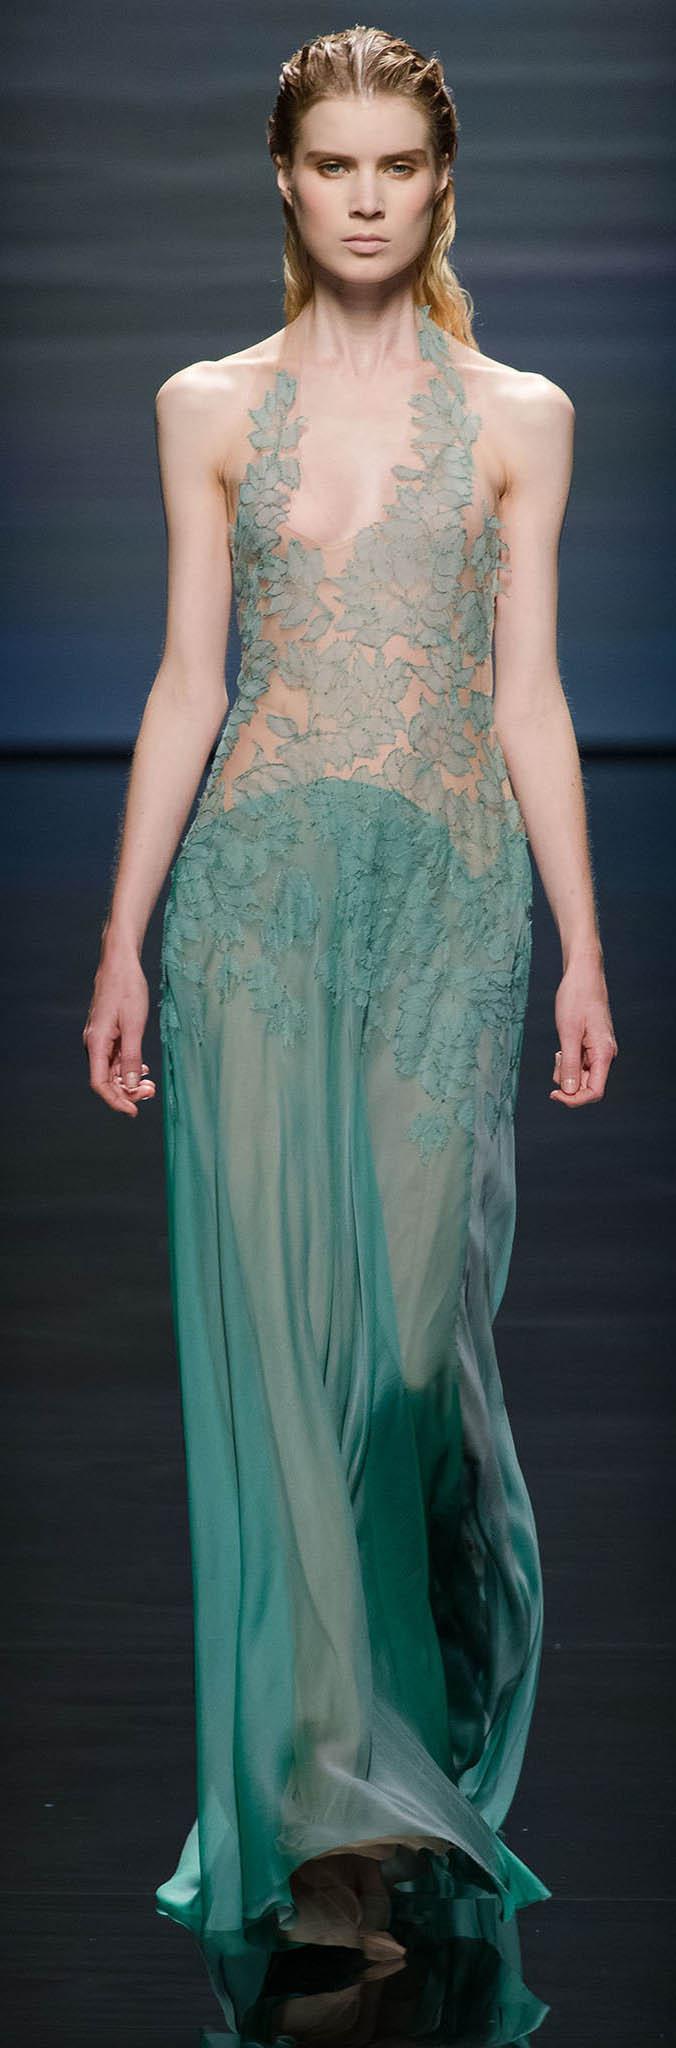 Alberta Ferretti Spring 2013